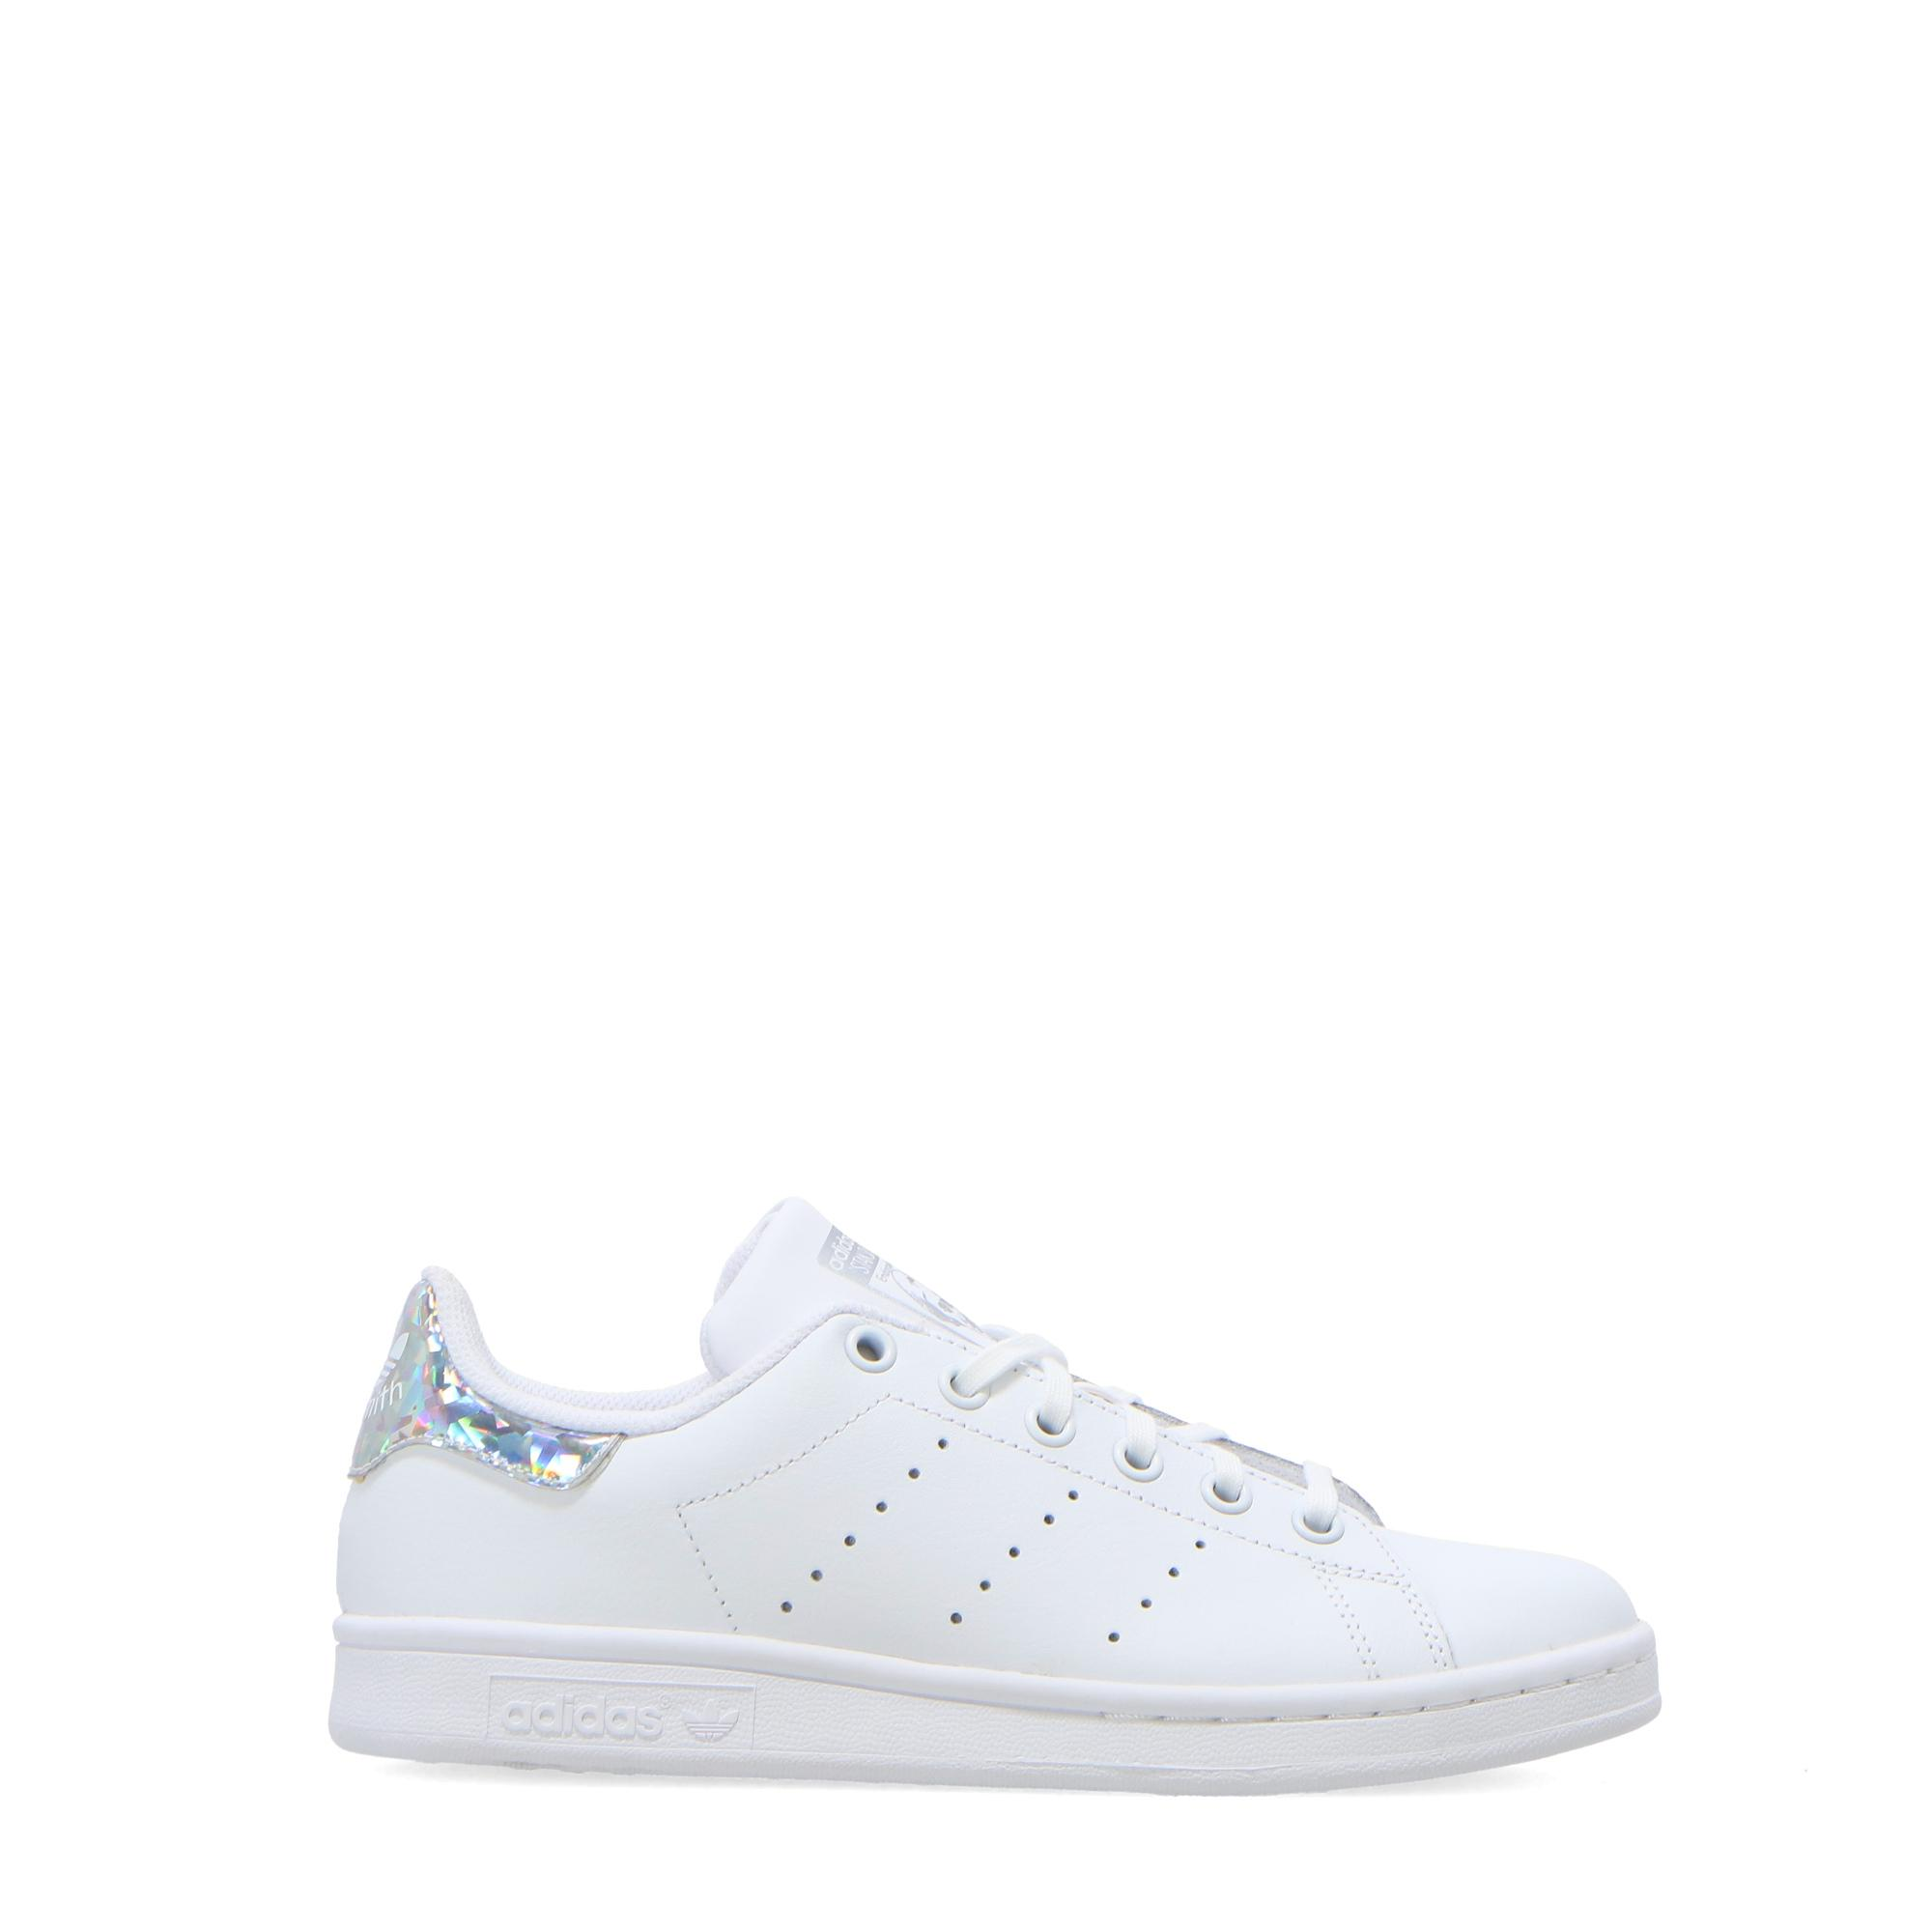 Adidas Stan Smith - Kids White white